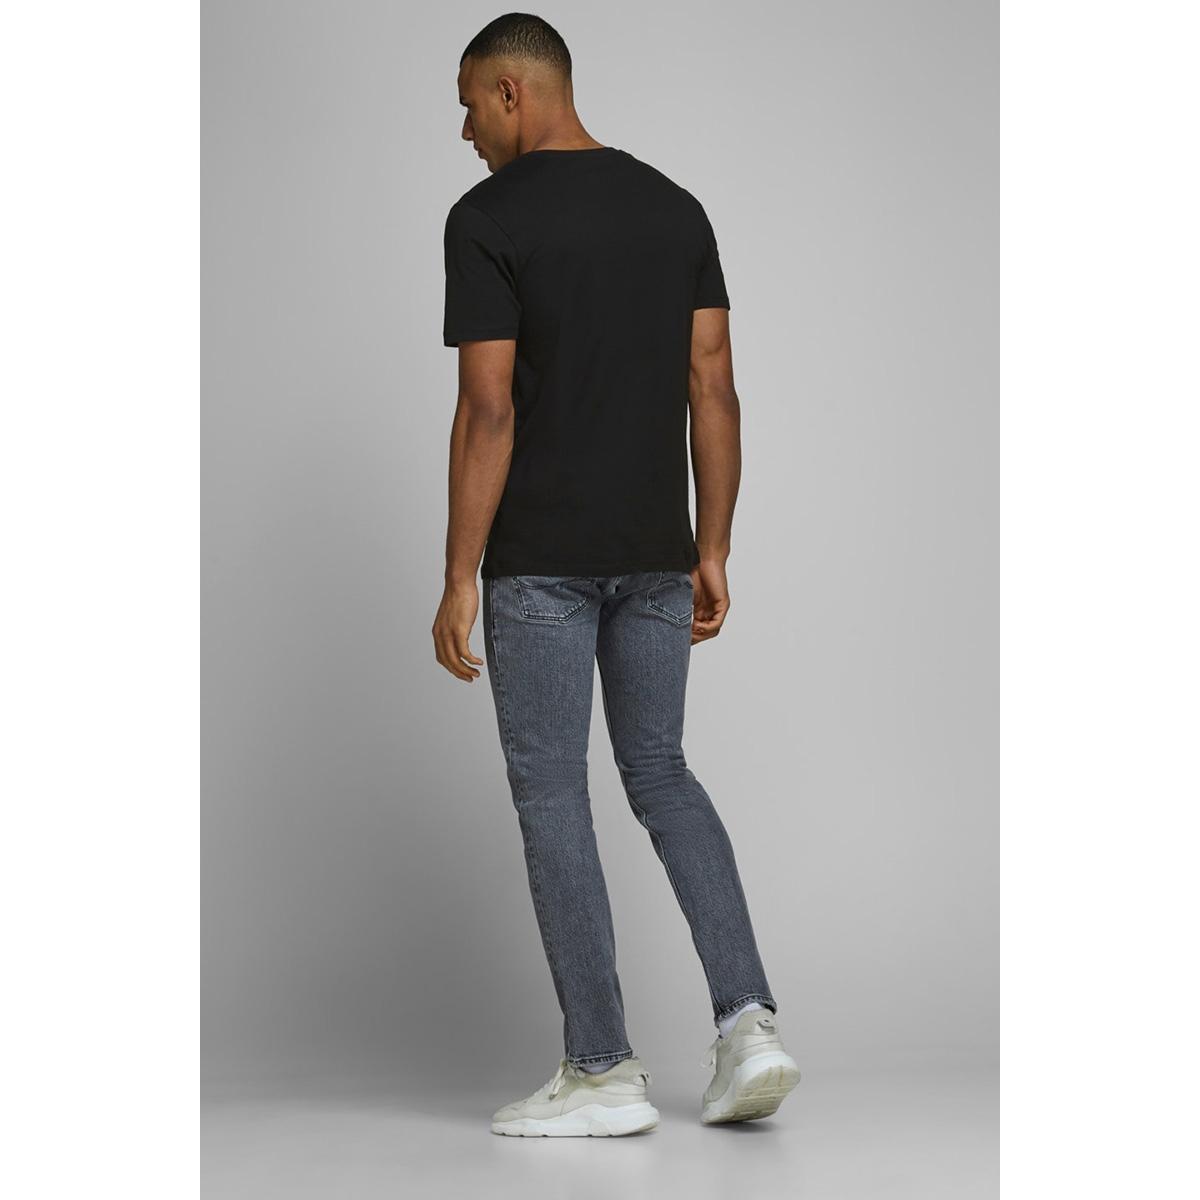 jcoifter tee ss crew neck fst 12172216 jack & jones t-shirt black